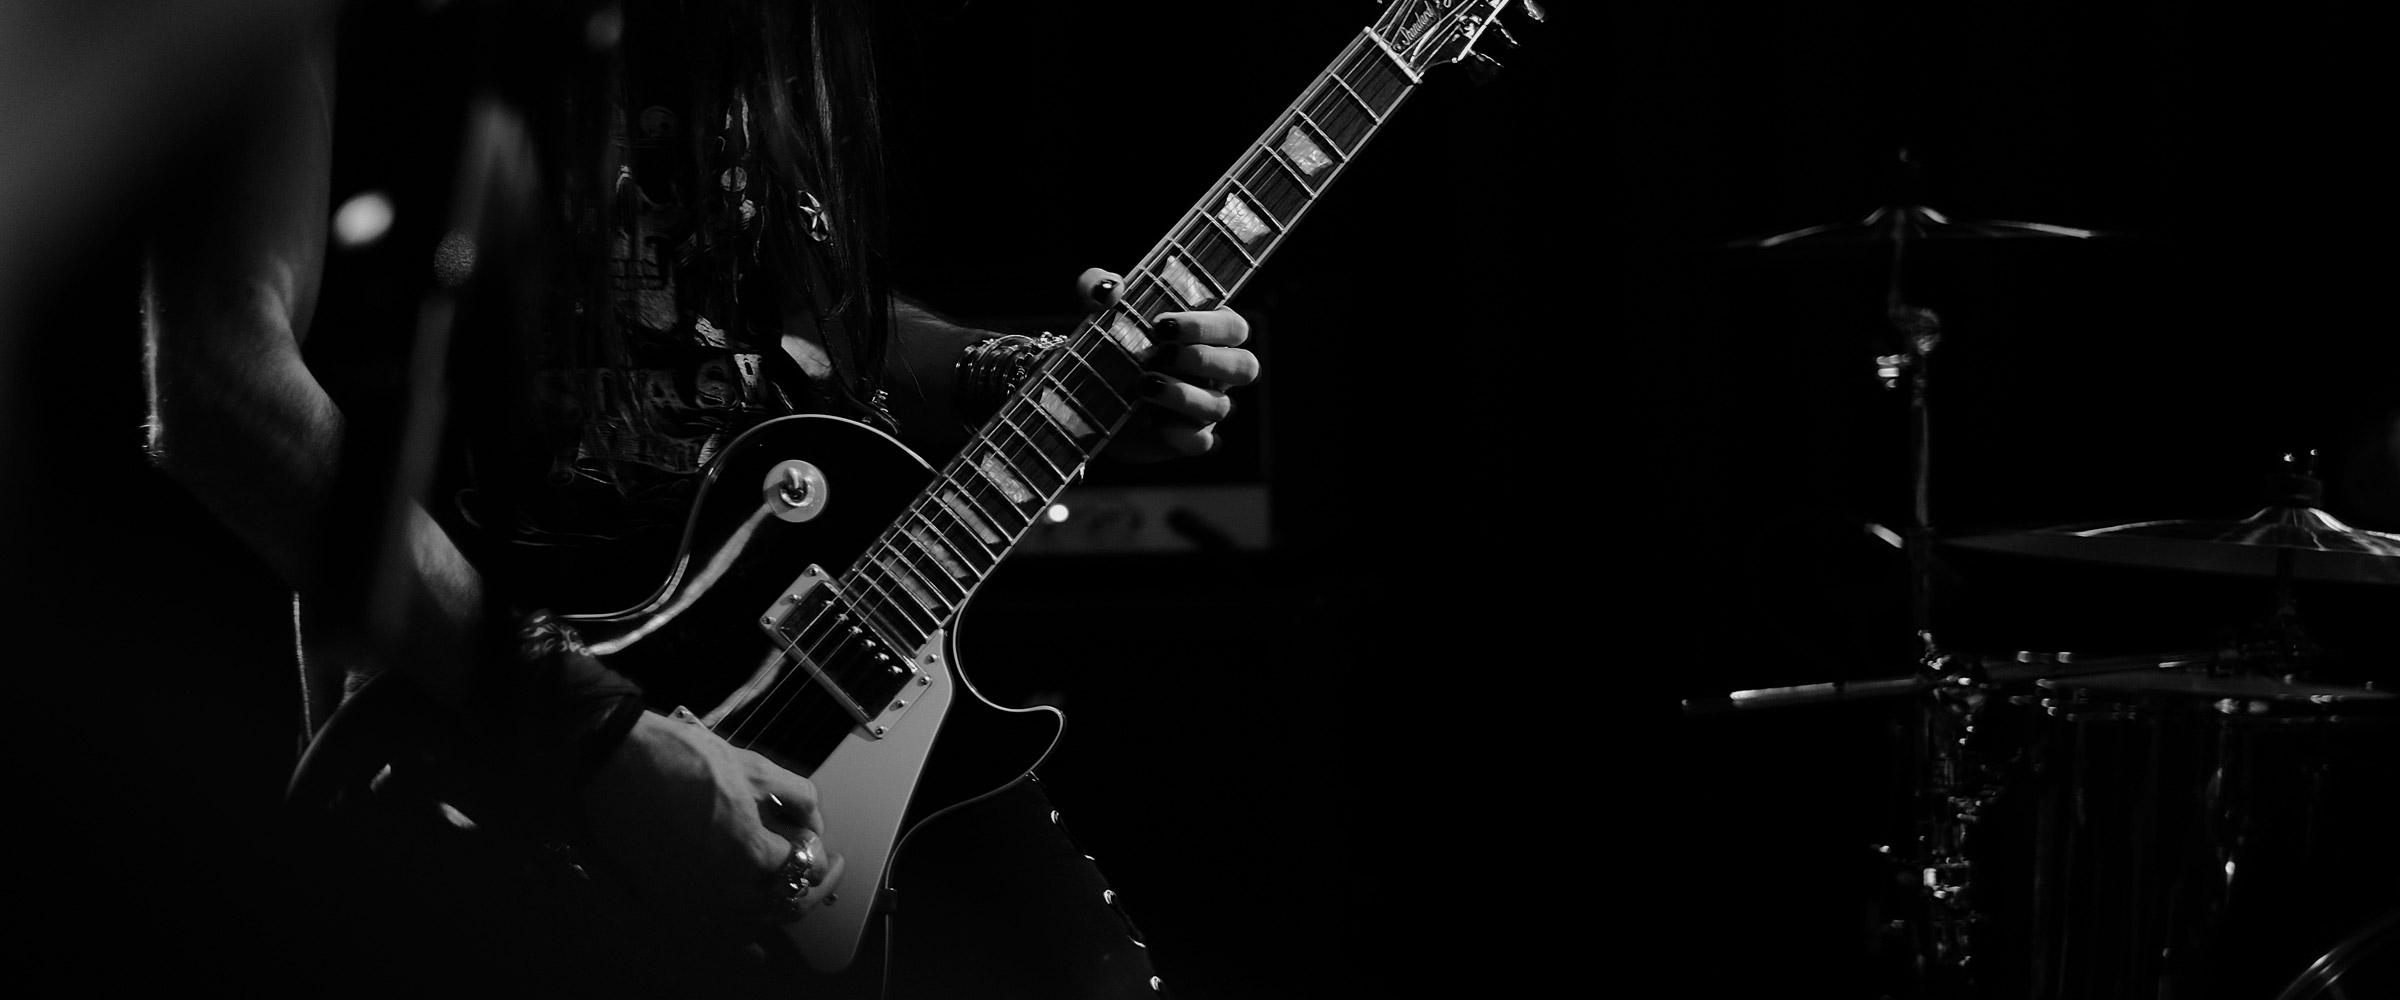 Lerne online Gitarre spielen